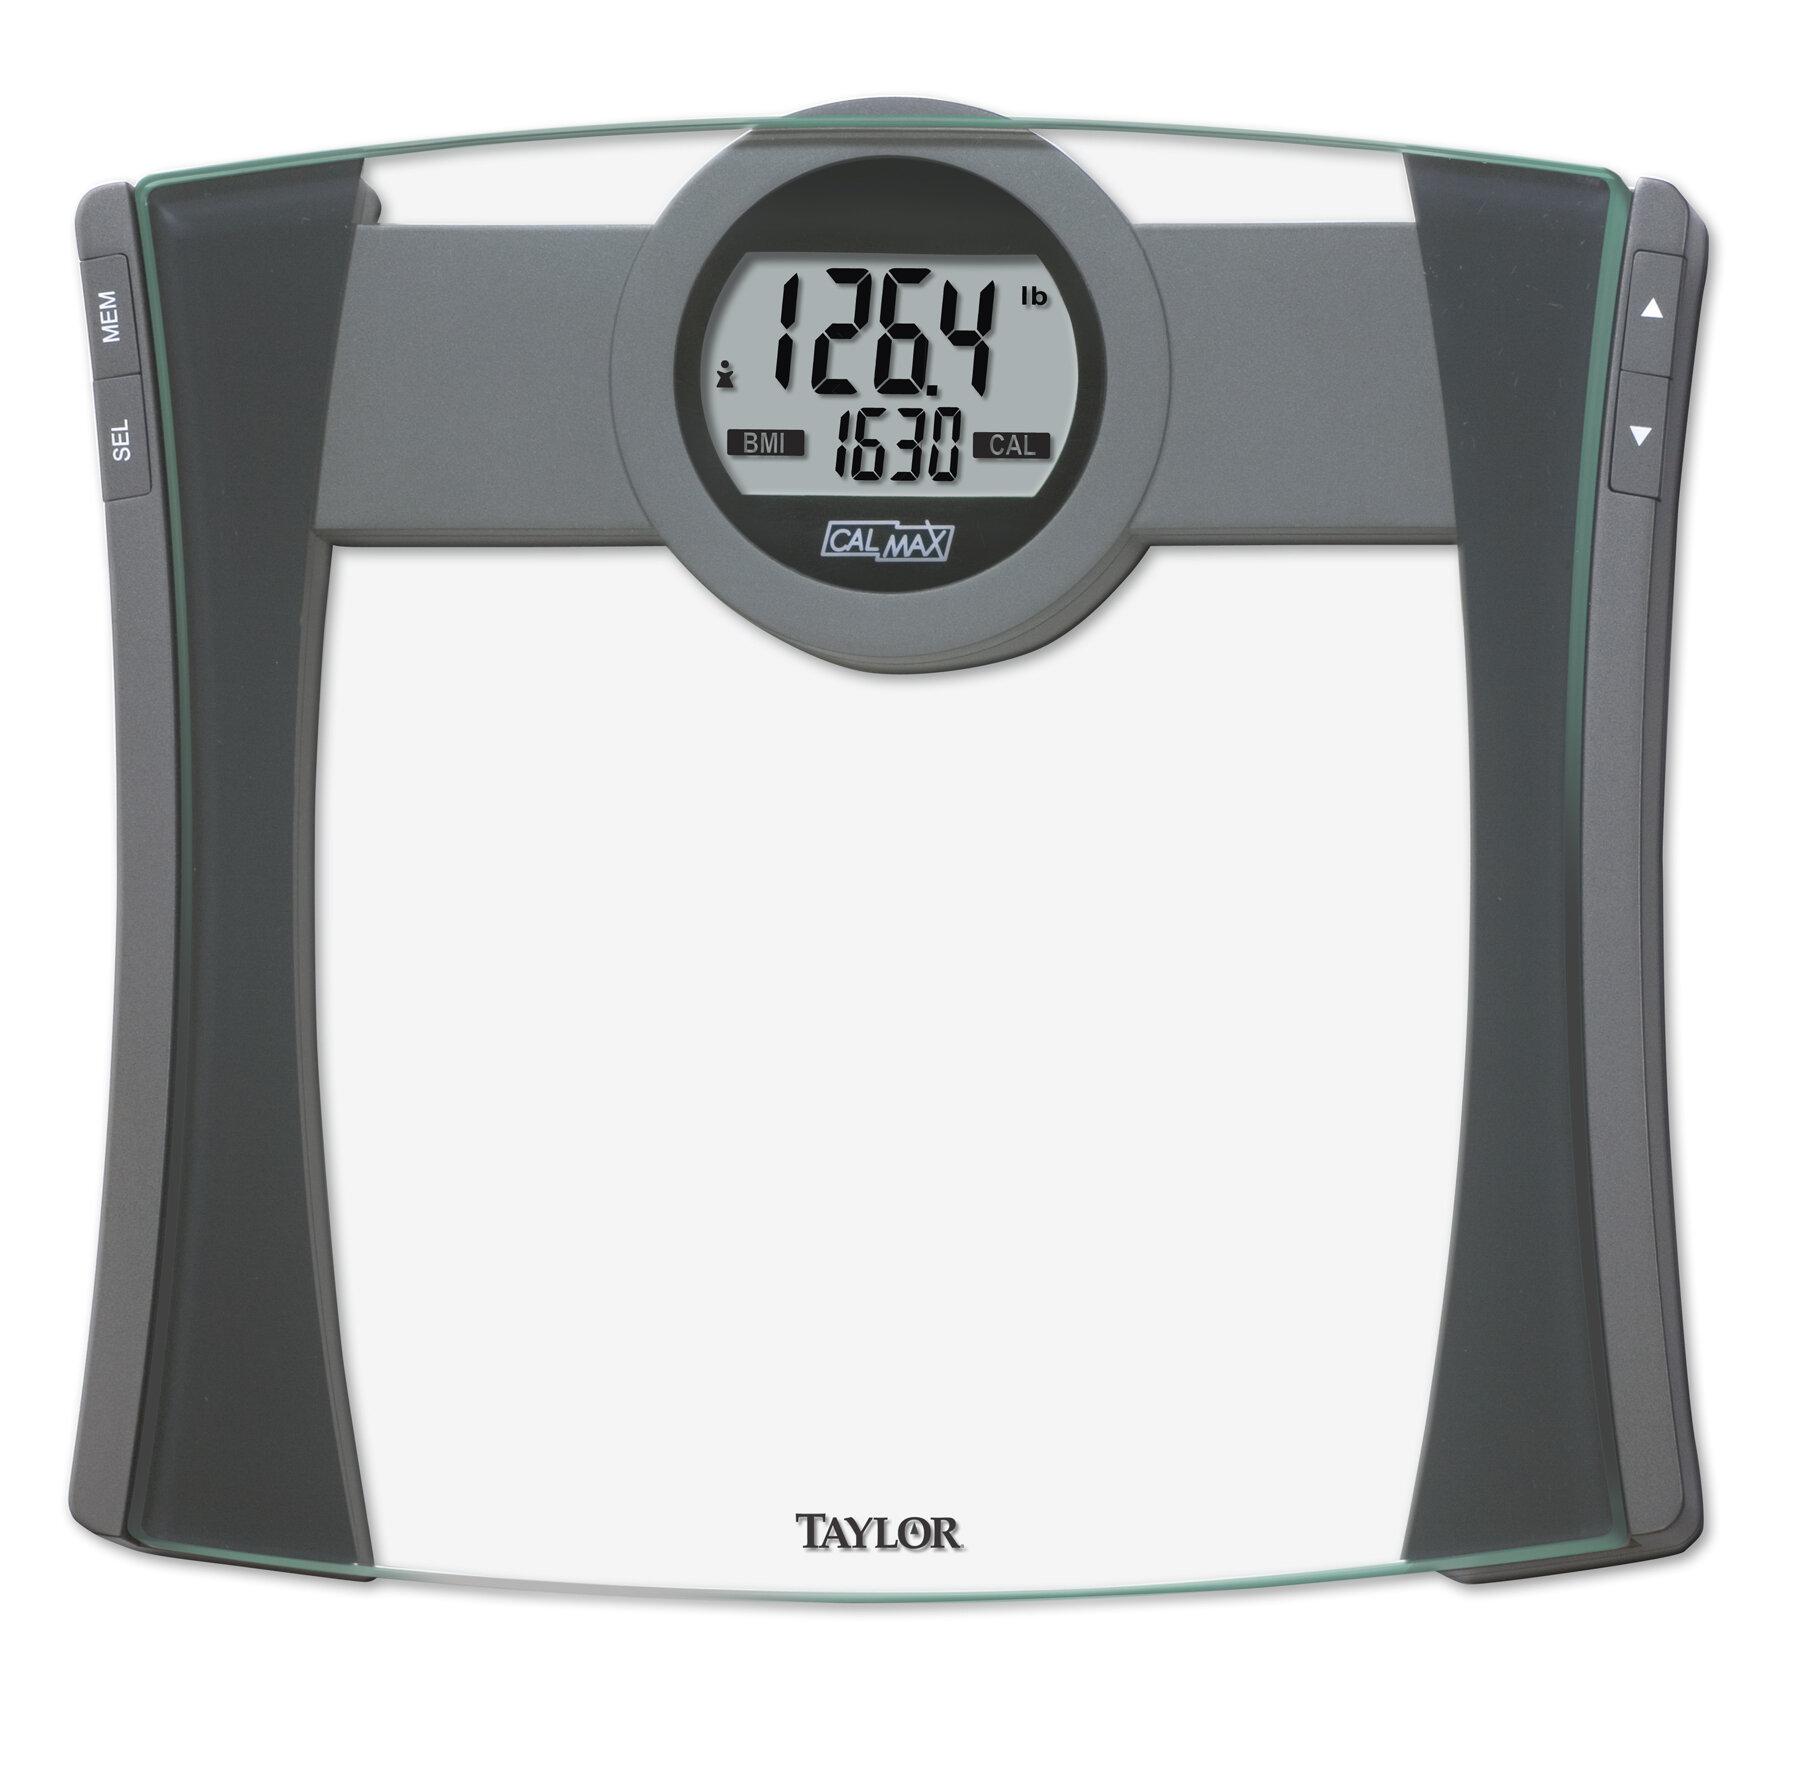 Bathroom Digital Scales: Taylor Digital Bath Scale TYR1405